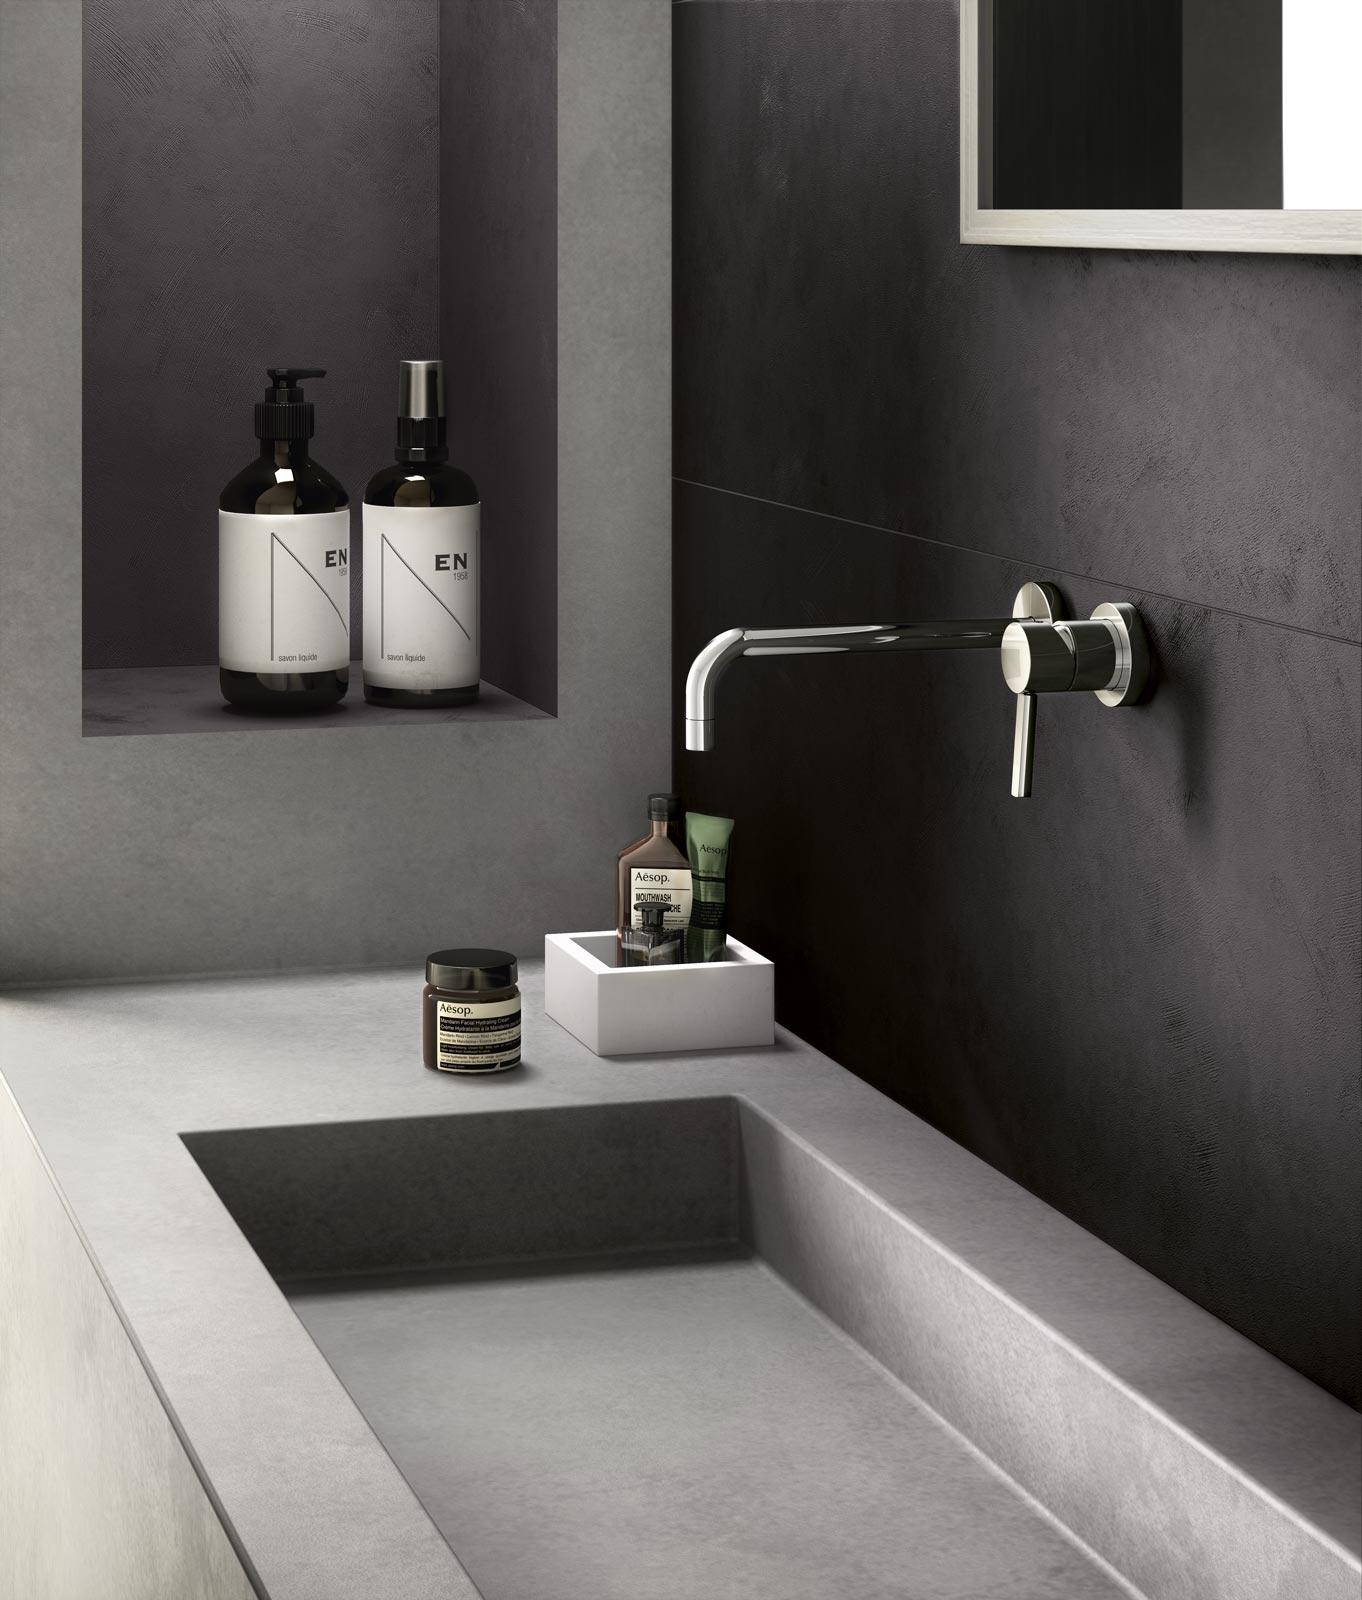 Piastrelle bagno in gres porcellanato ragno - Piastrelle bagno design ...